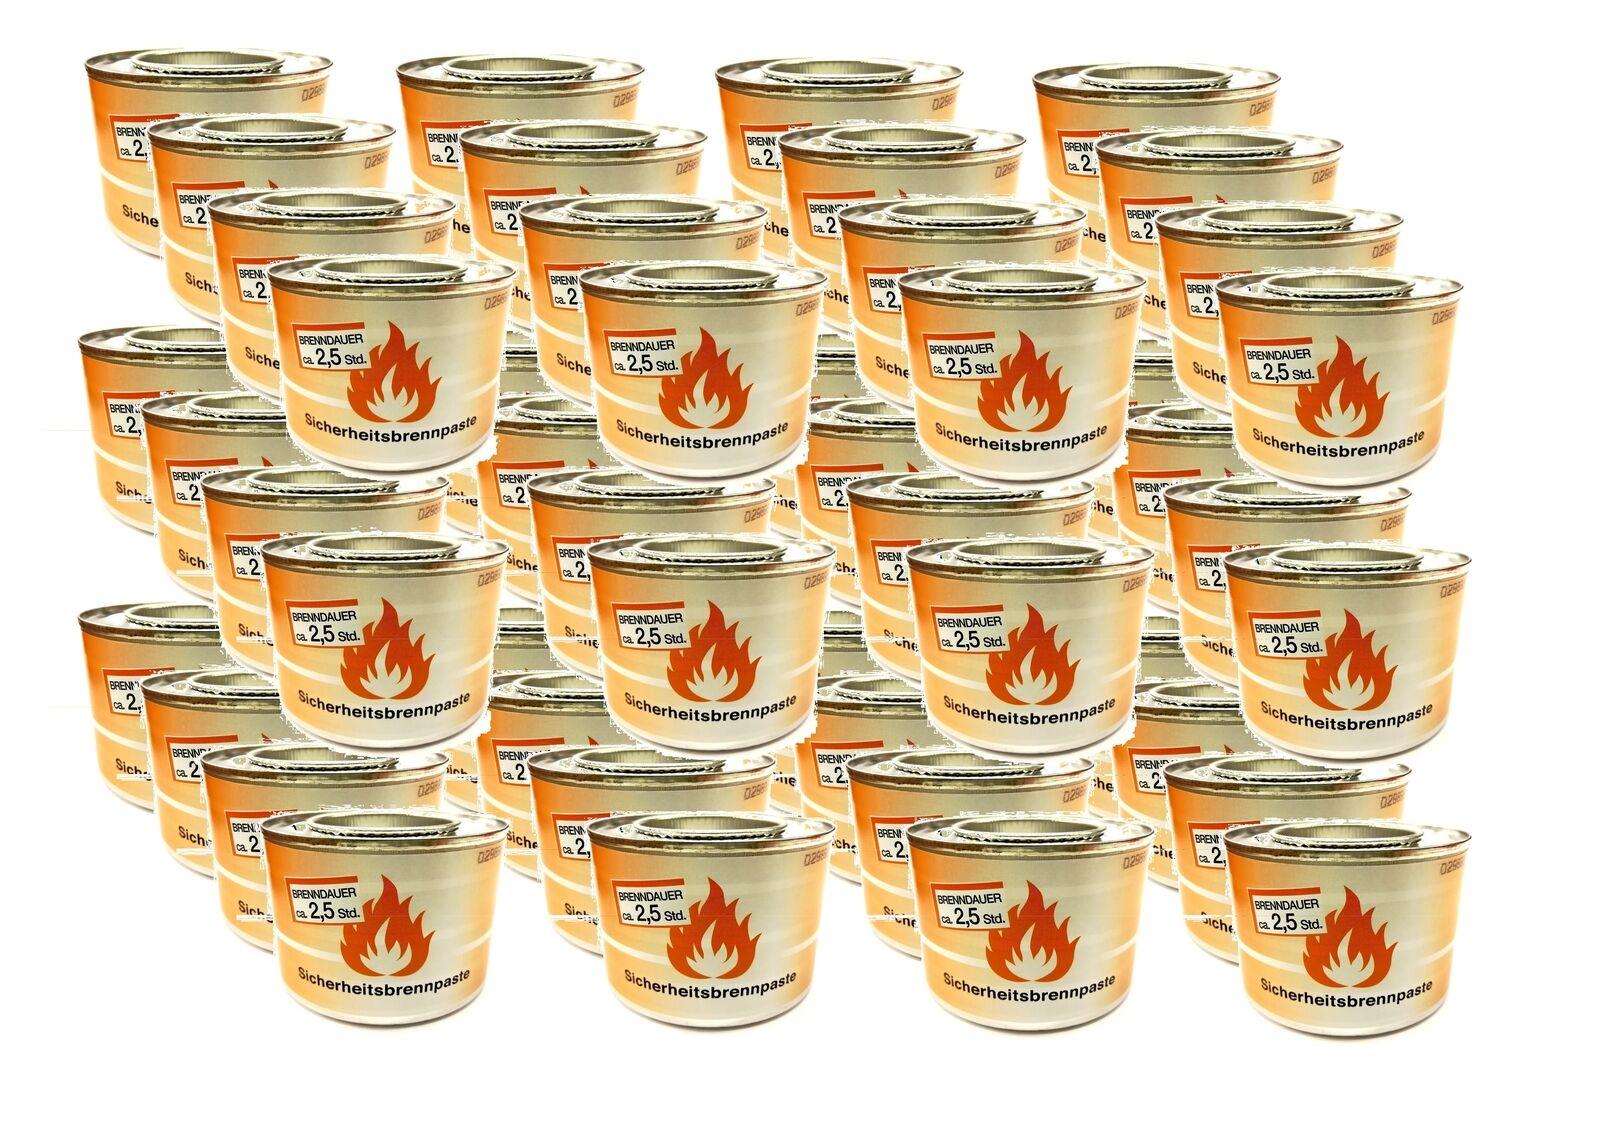 48 x x x Brennpaste für Tischräucherofen Speisenwärmer Buffet Sicherheitsbrennpaste 5deab0